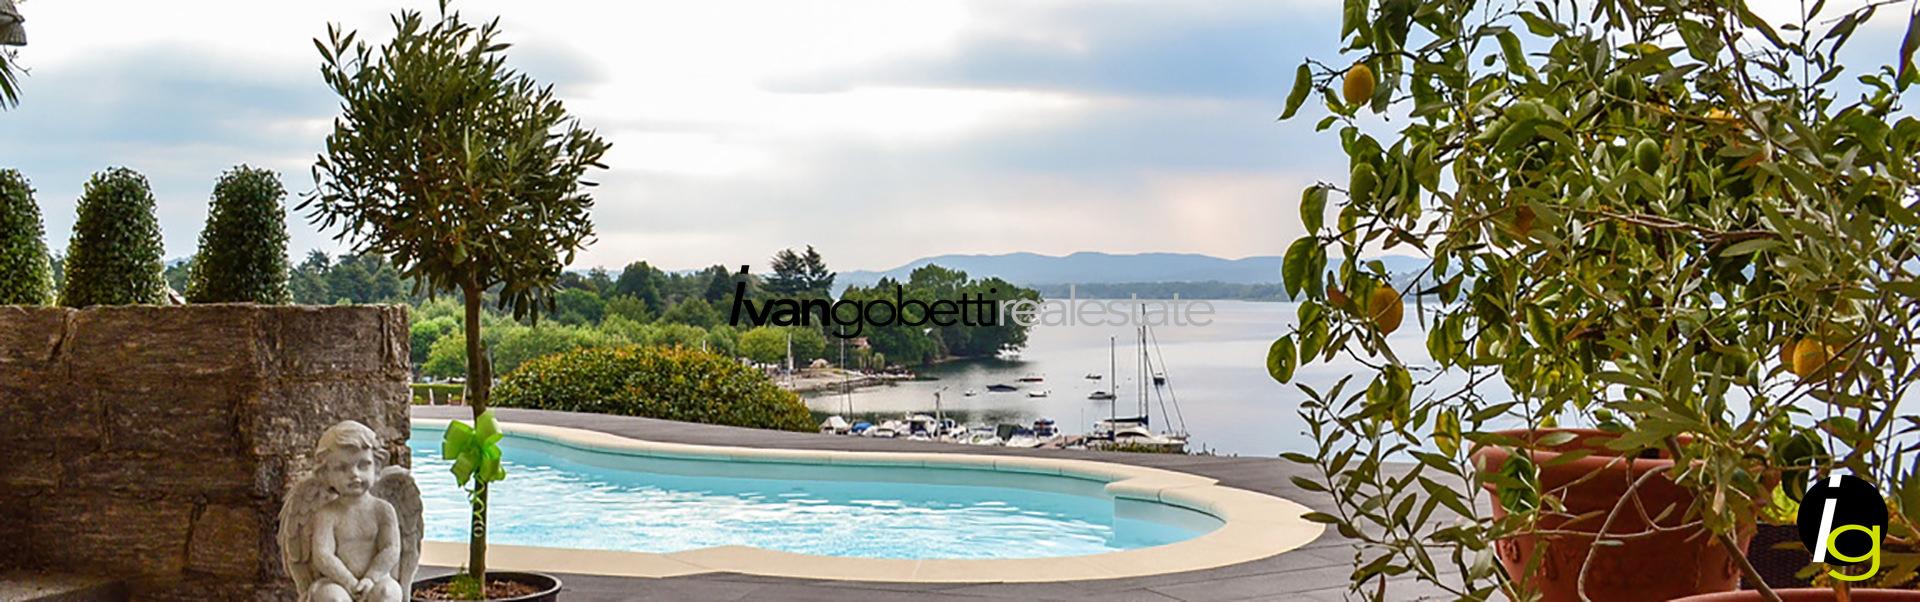 Озеро Маджоре, Леза, Италия, продаётся вилла на первой линии озера